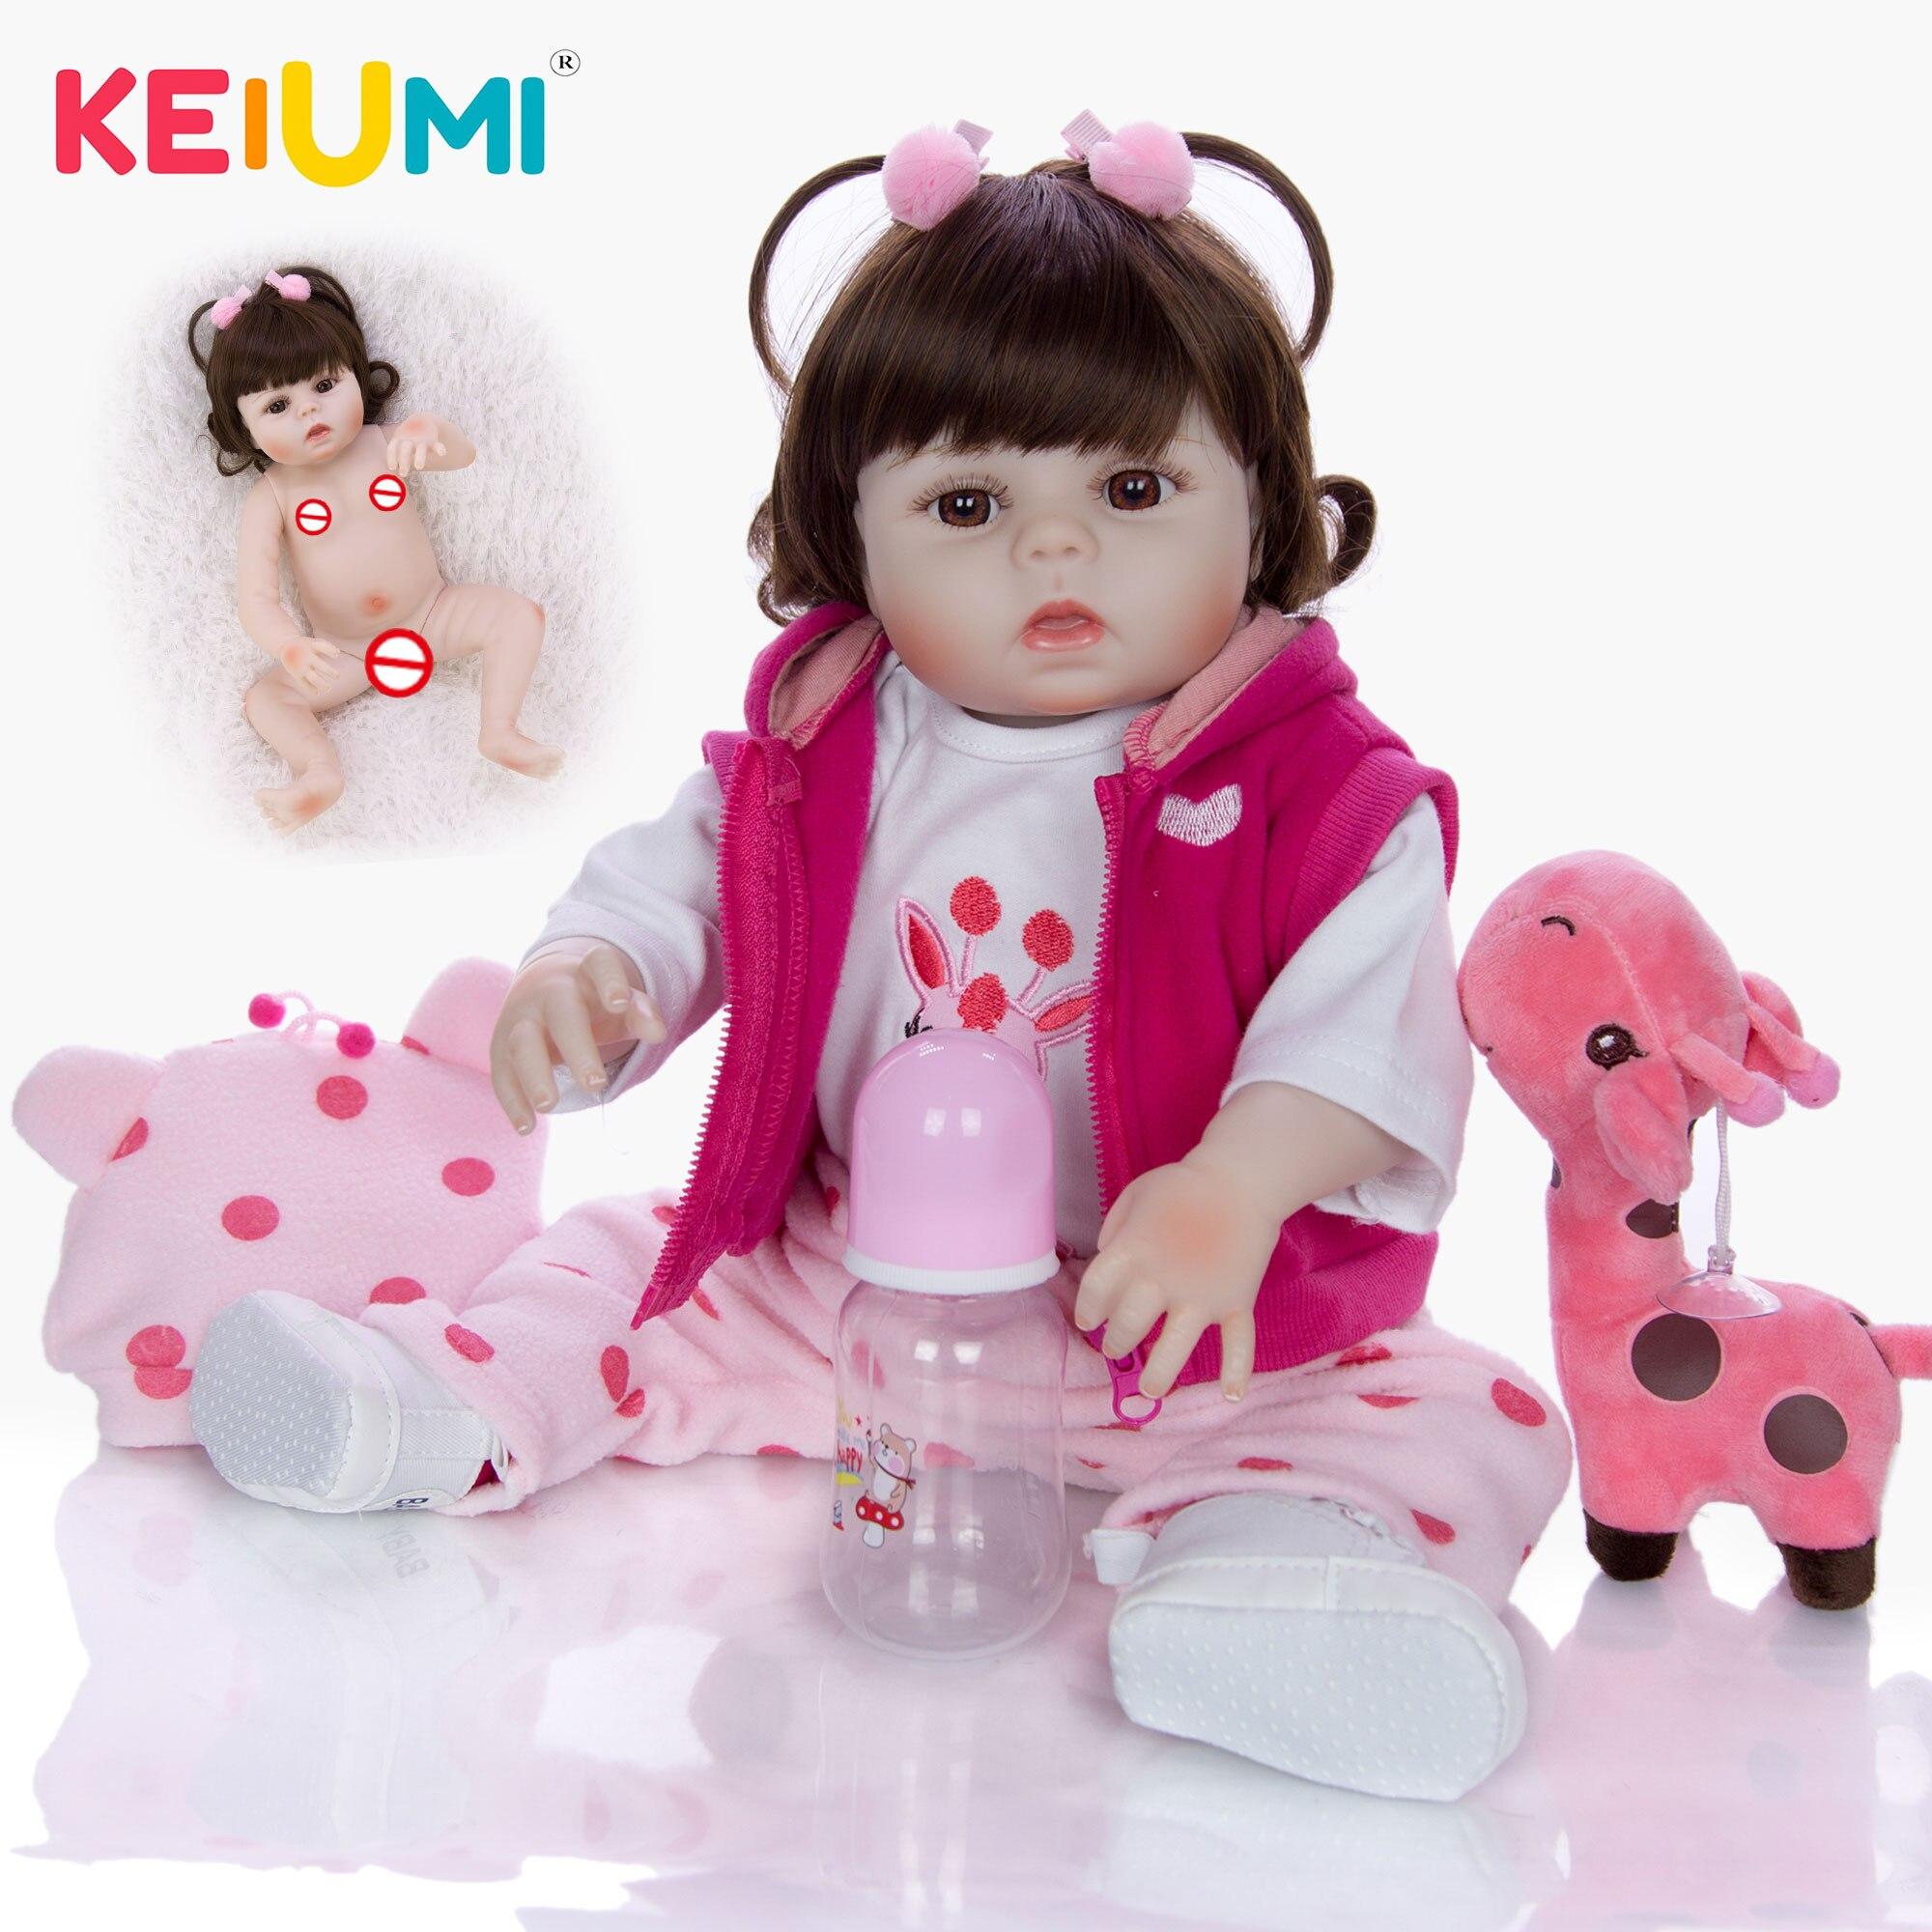 acheter bebe reborn en silicone Keiumi 0002